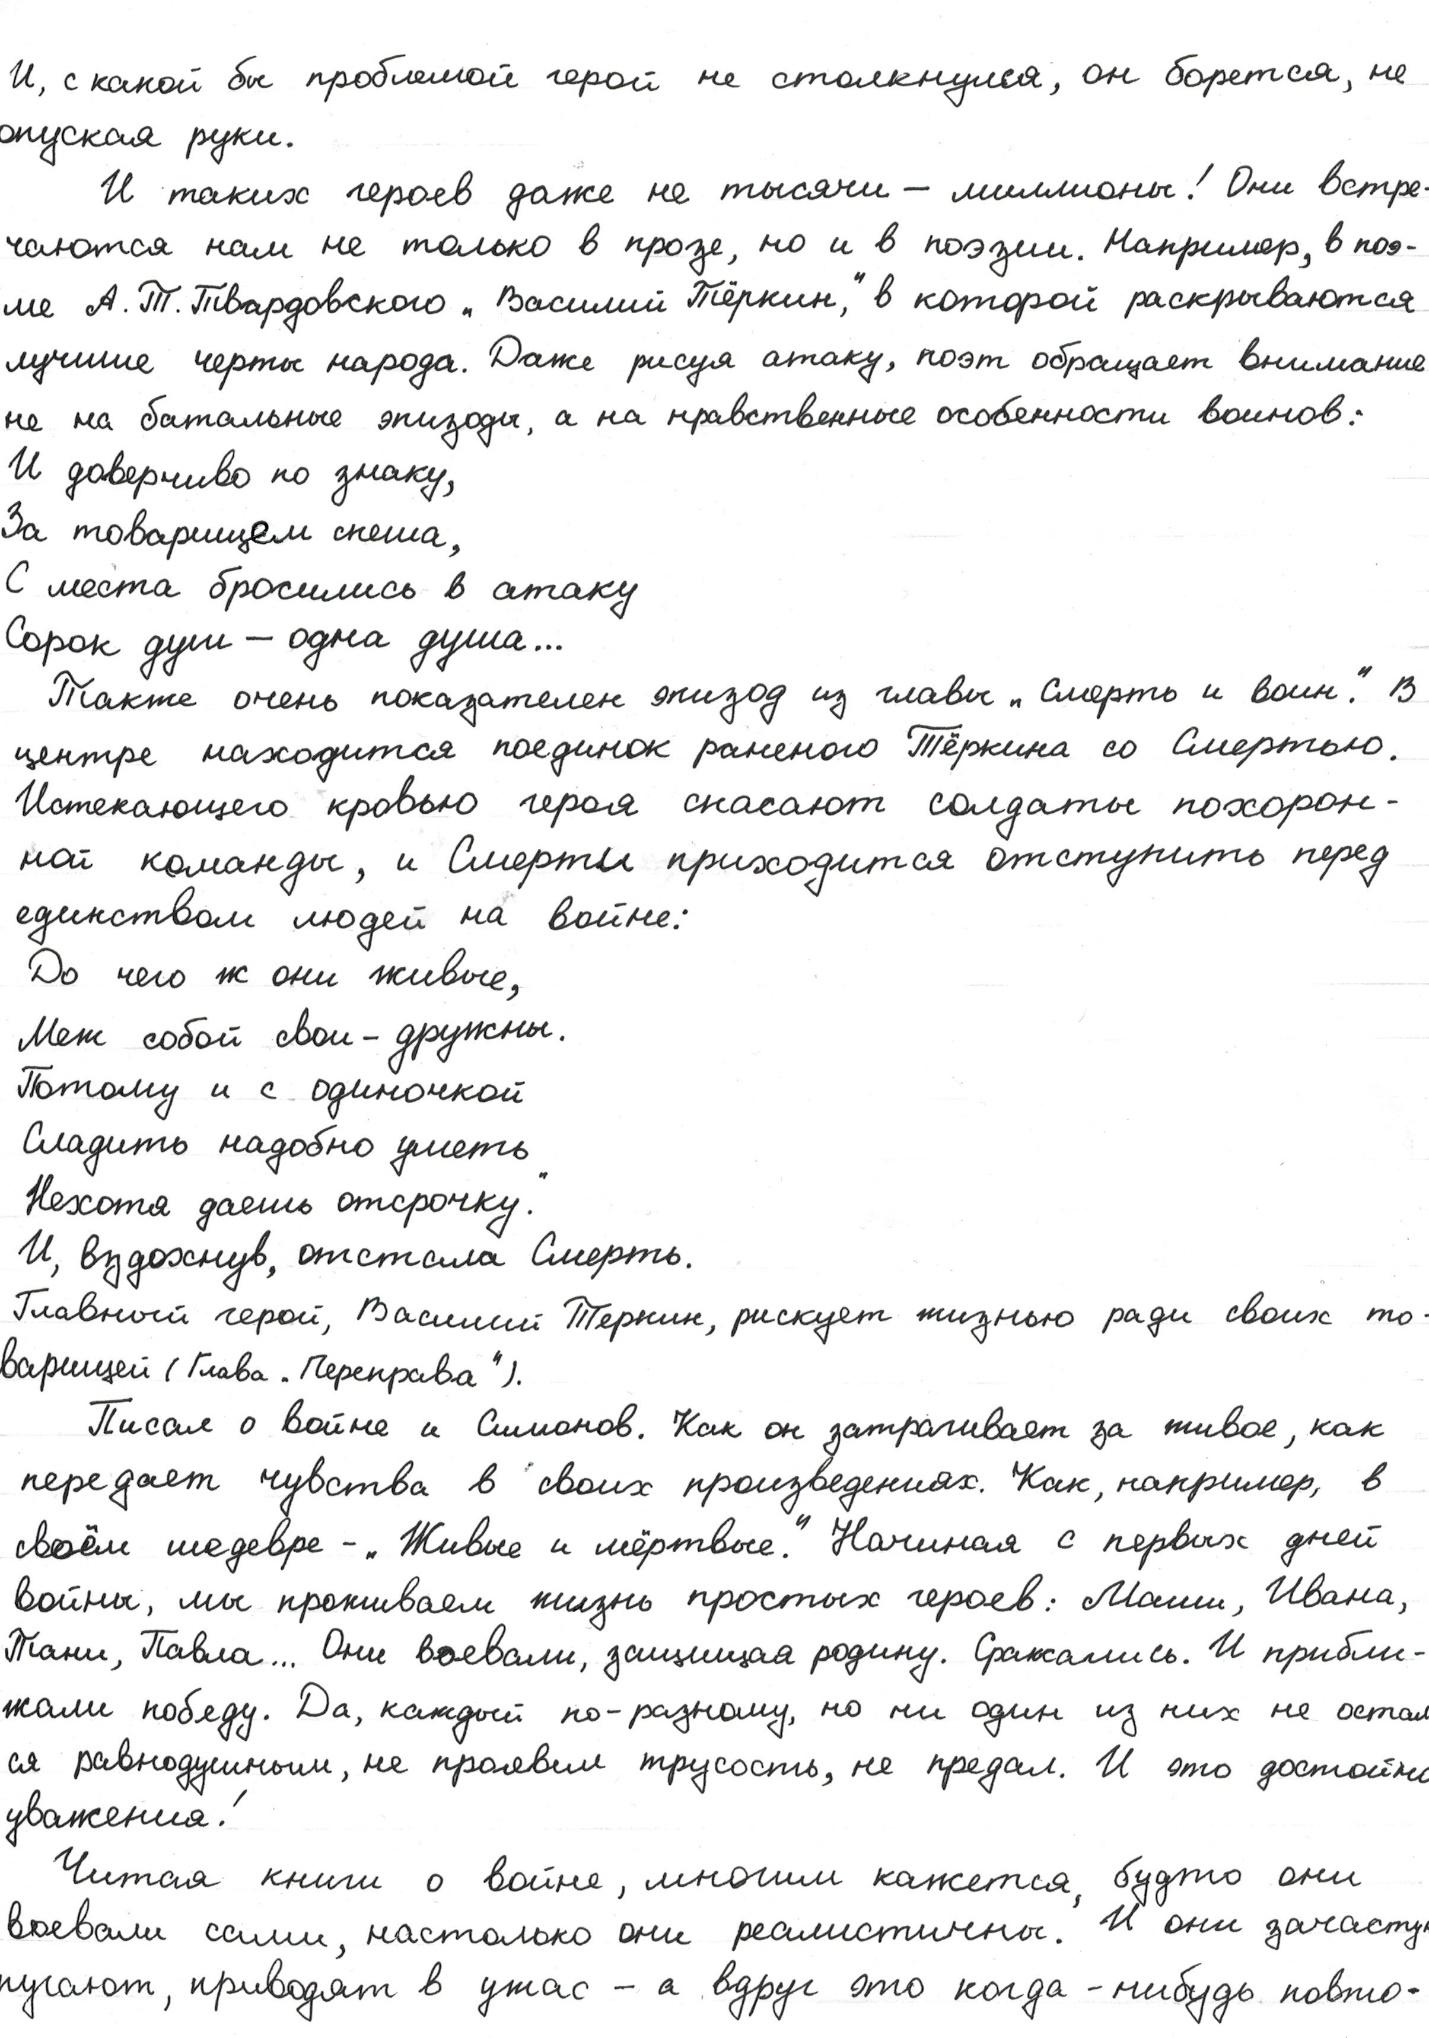 F:\Всероссийское сочинение.СОШ №31.2015ГОД\Ермакова Юлия.11кл\CCI01012002_0011.jpg